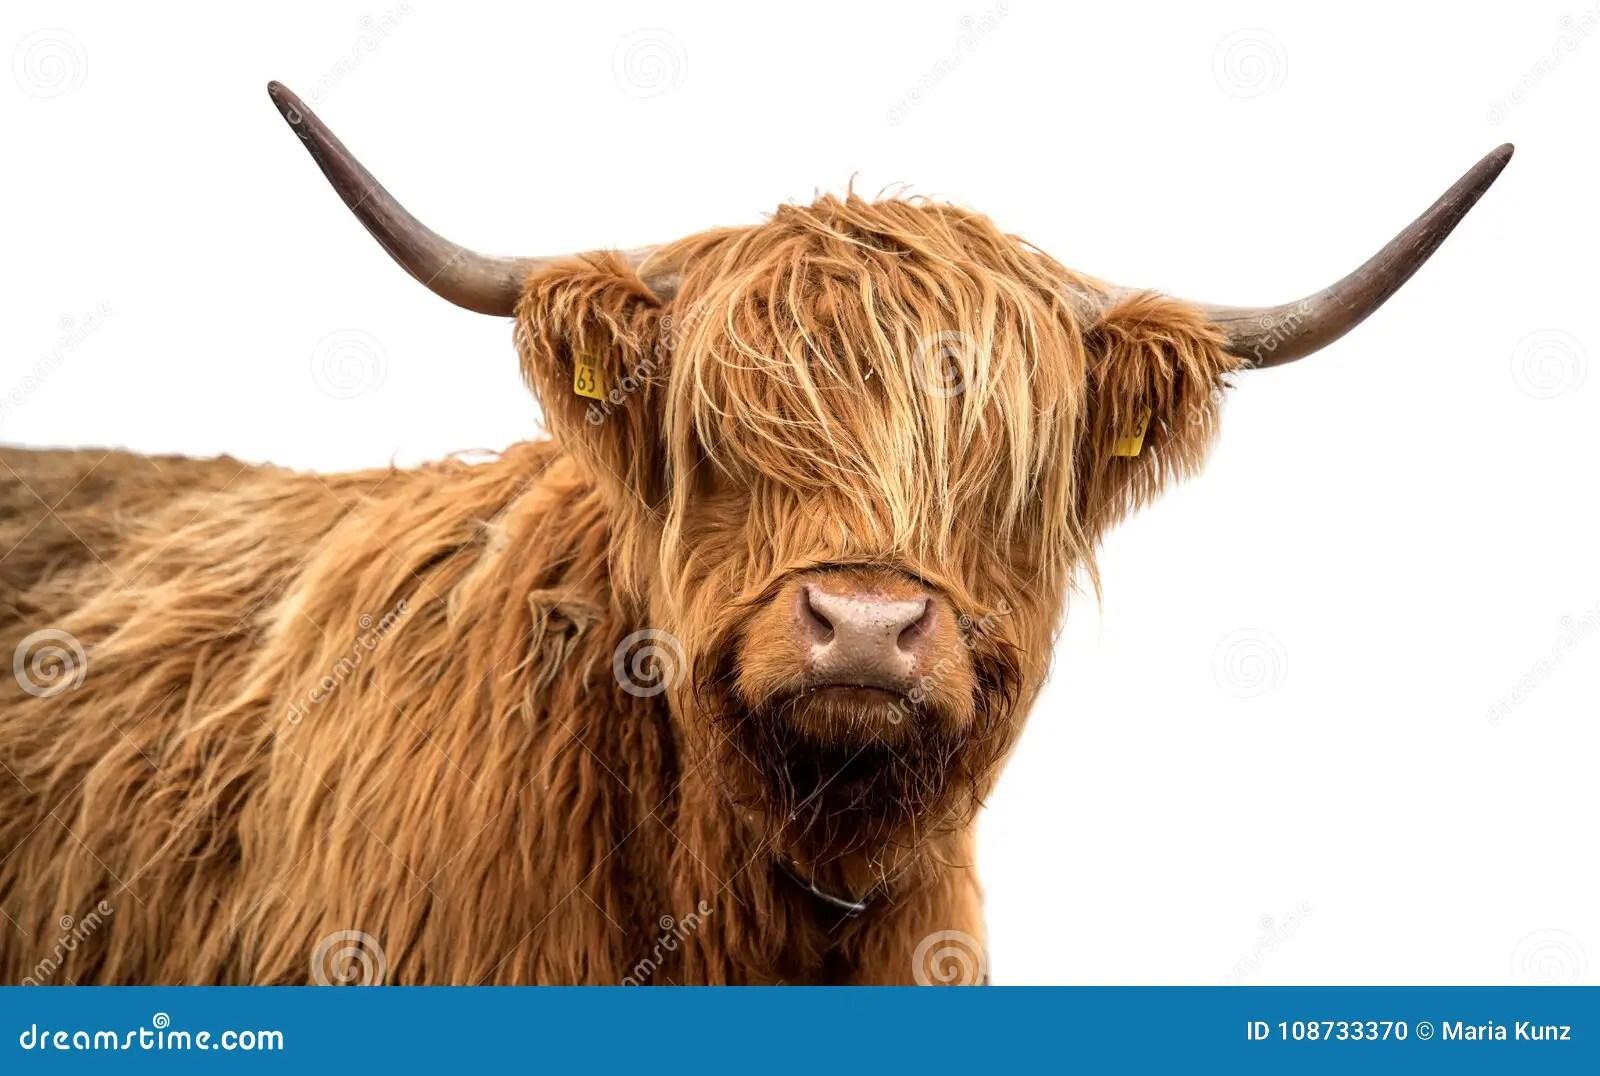 scottish highland cattle on